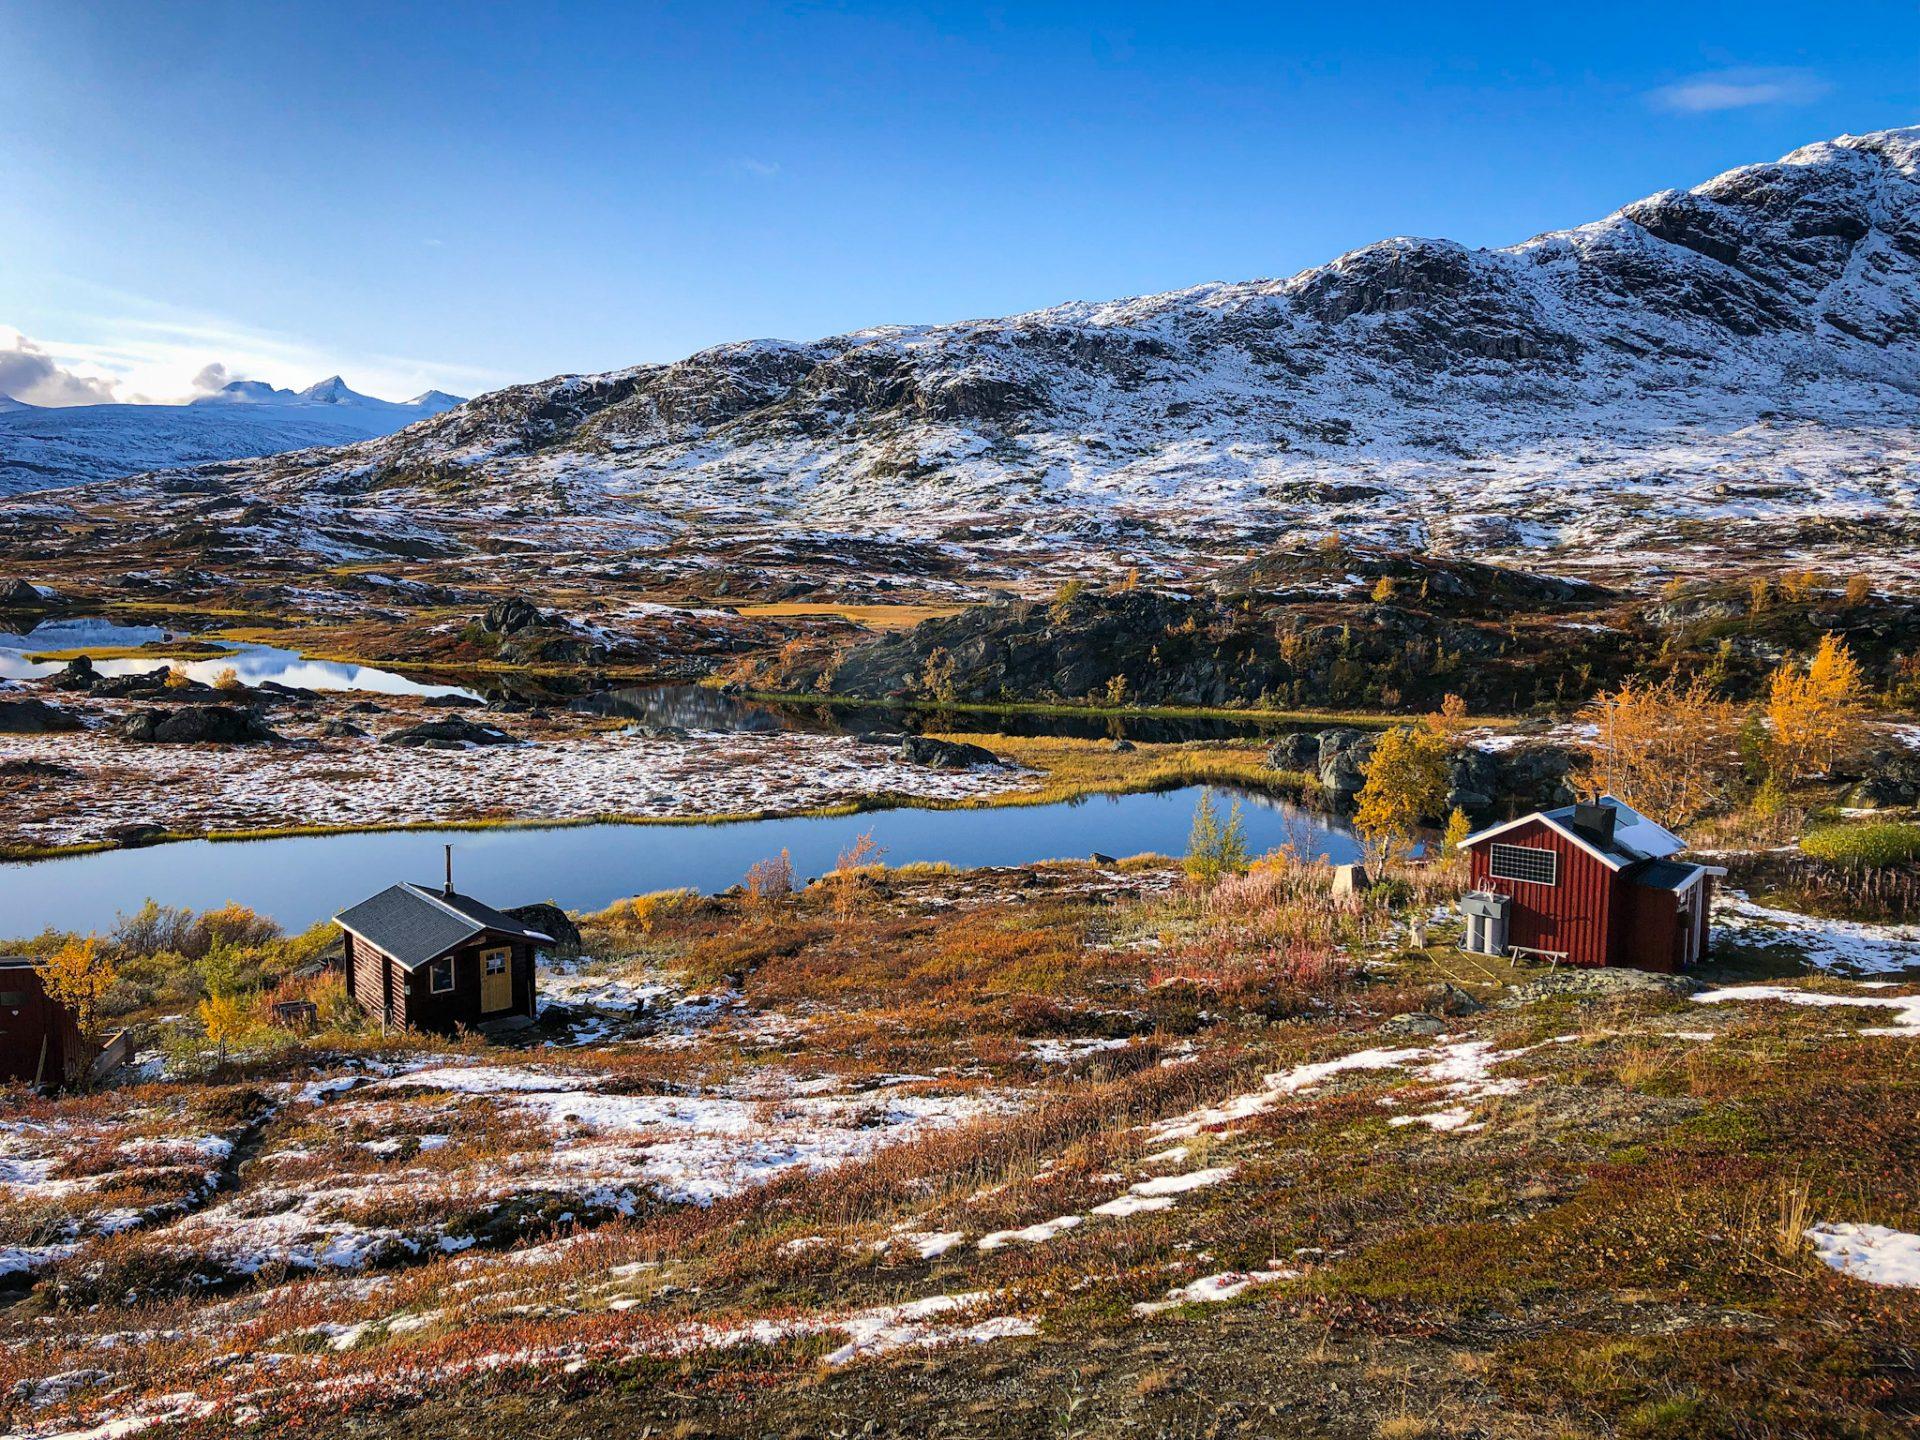 Payssage de Laponie suédoise avec un lac et des montagnes enneigées